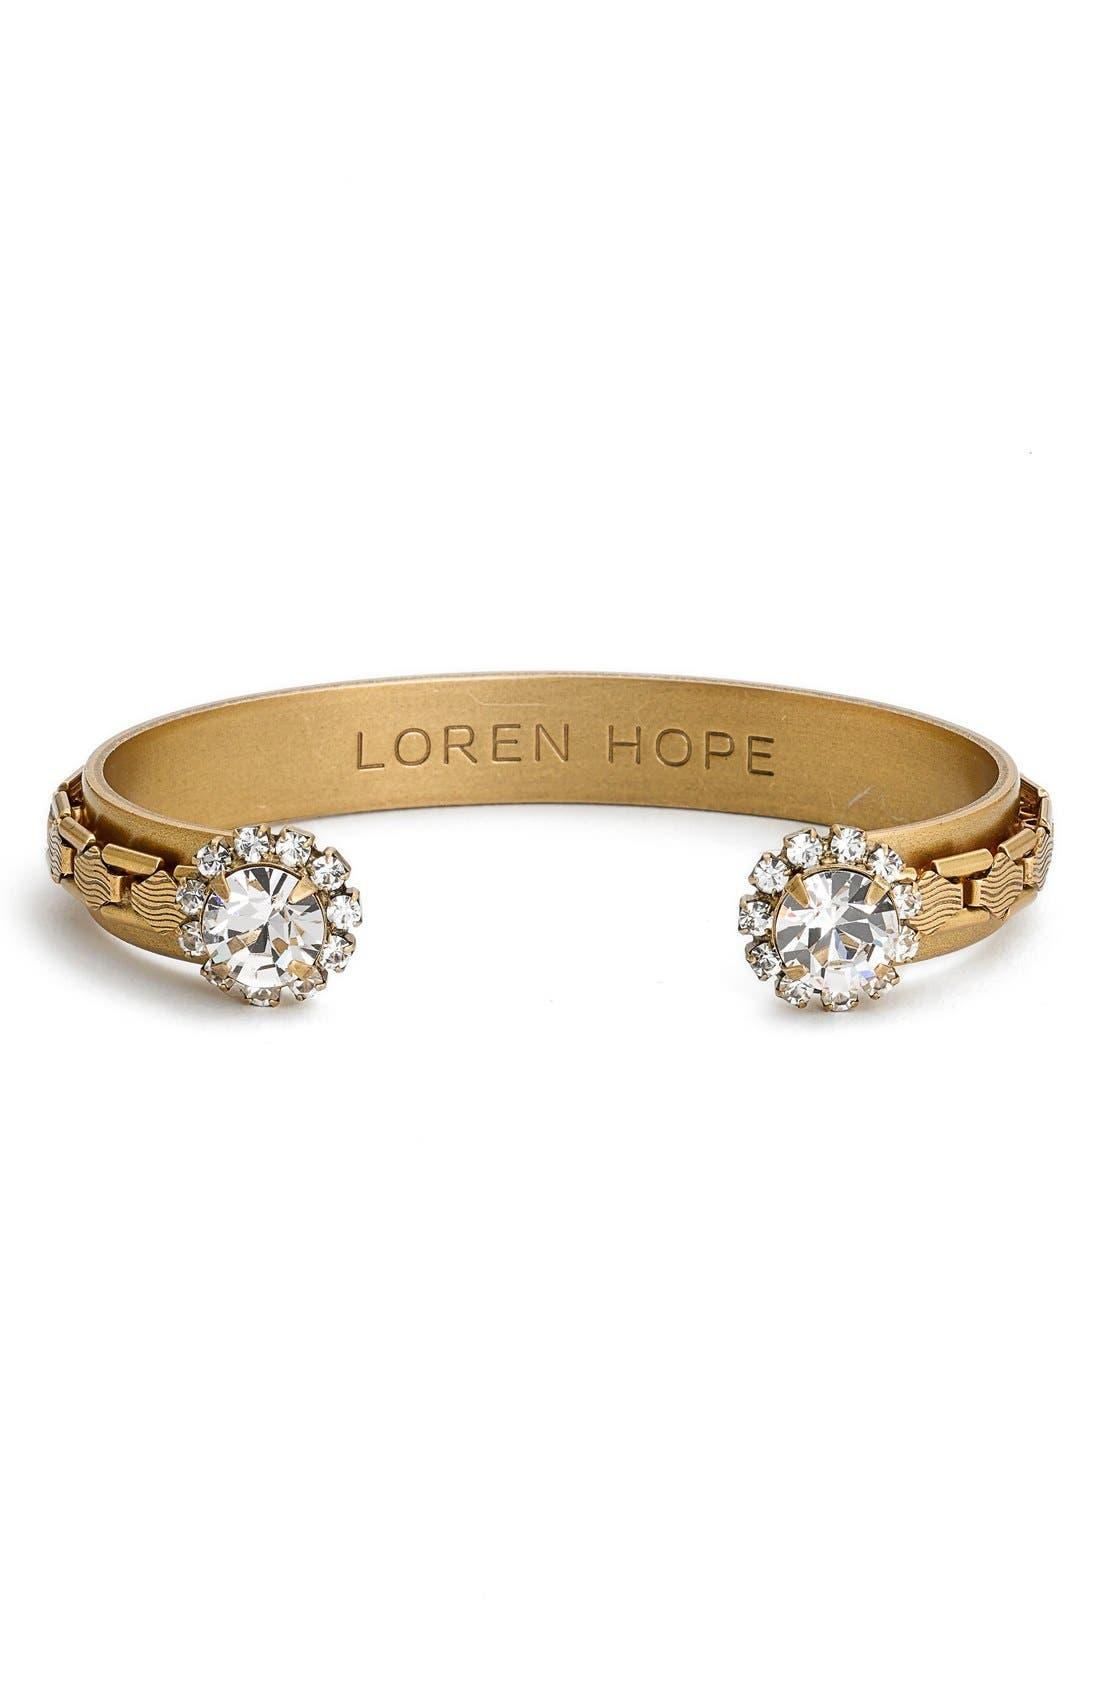 Loren Hope 'Marley' Crystal Cuff